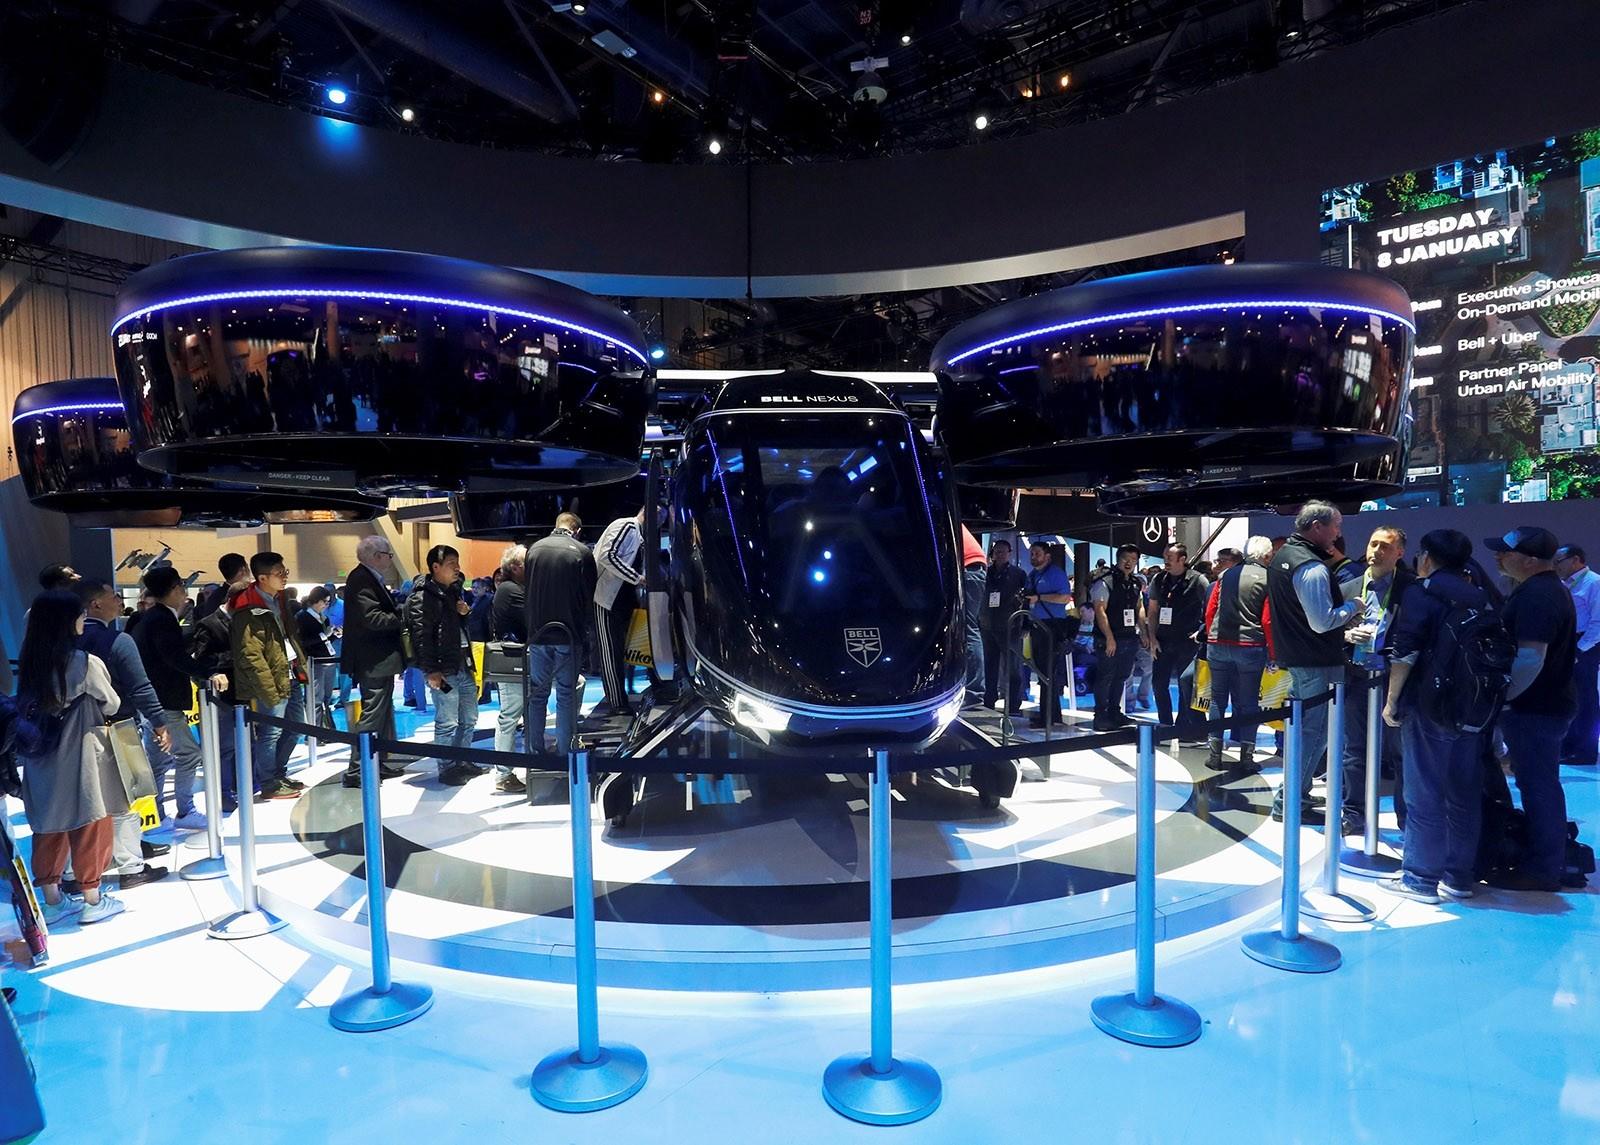 Pet robots, VR, walking cars: CES 2019 wraps up in Las Vegas